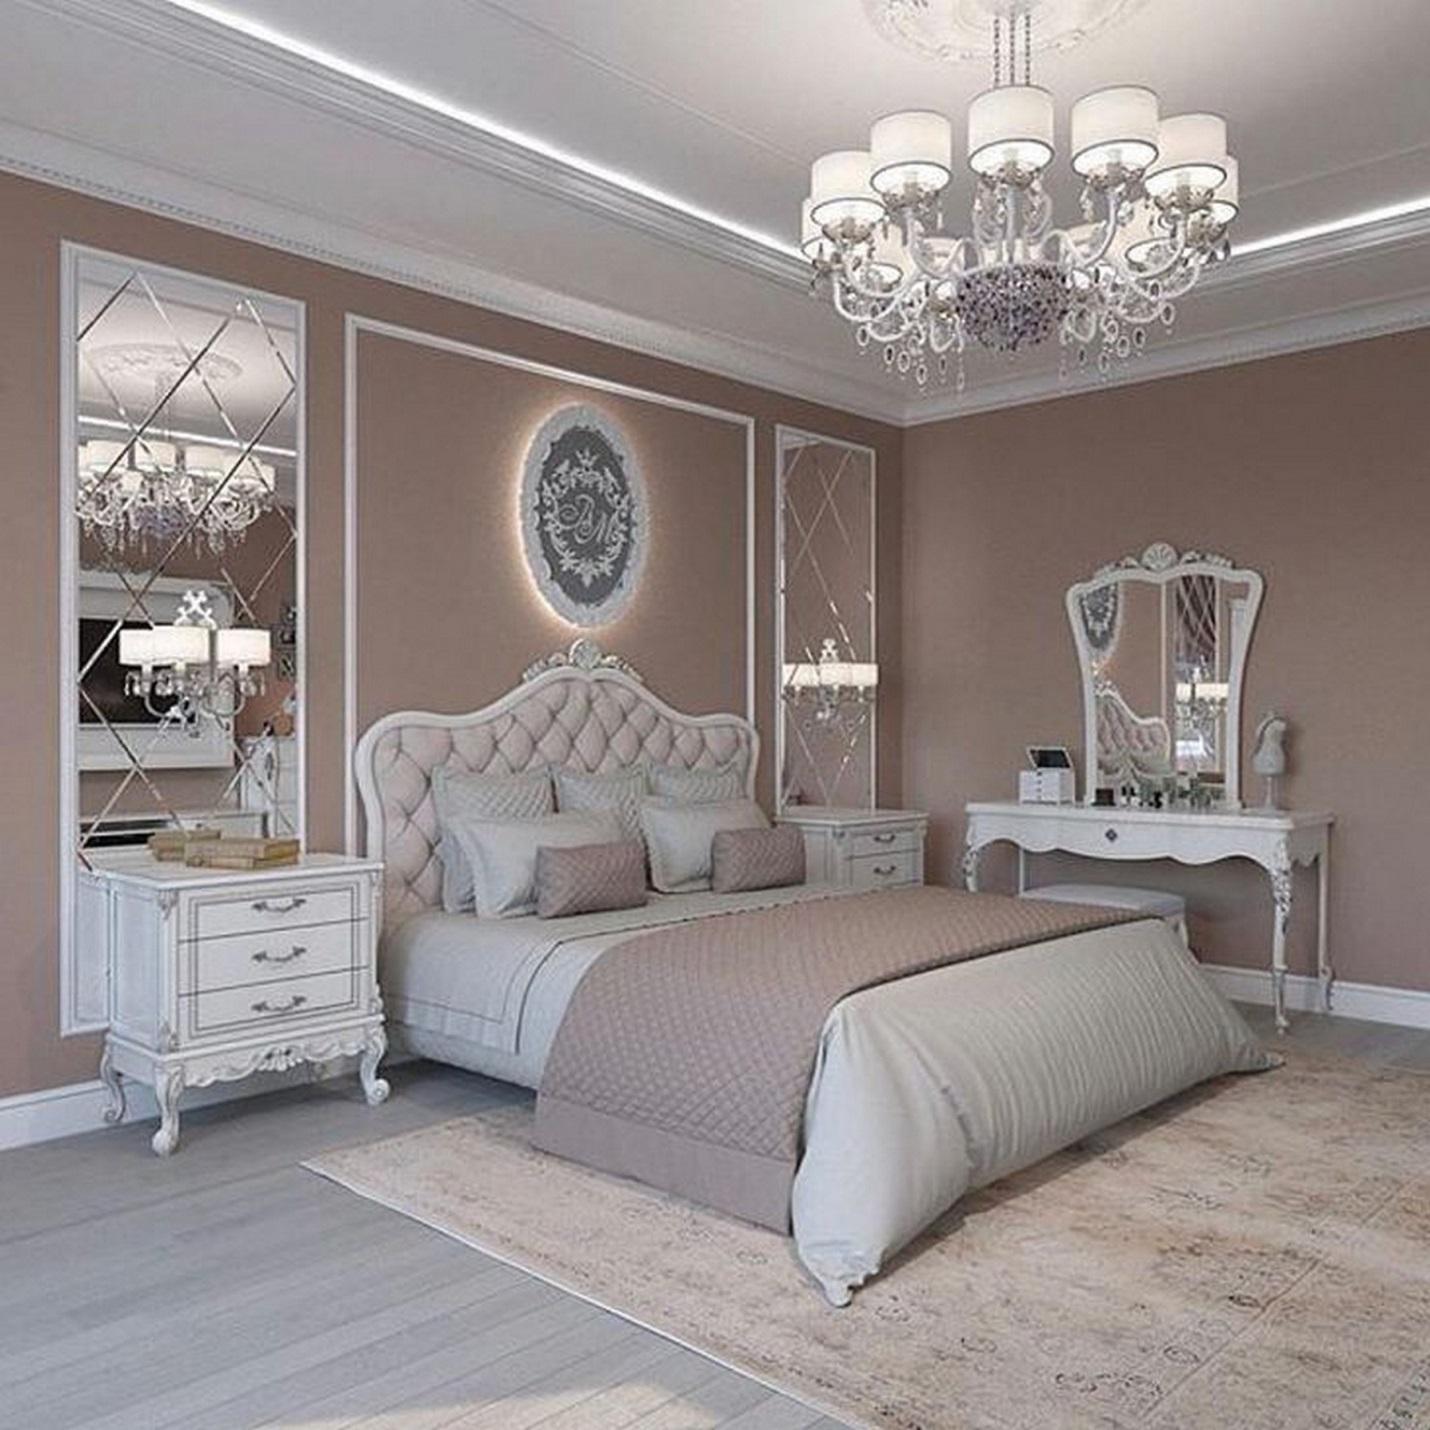 Phòng ngủ thiết kế đẹp mang phong cách cổ điển